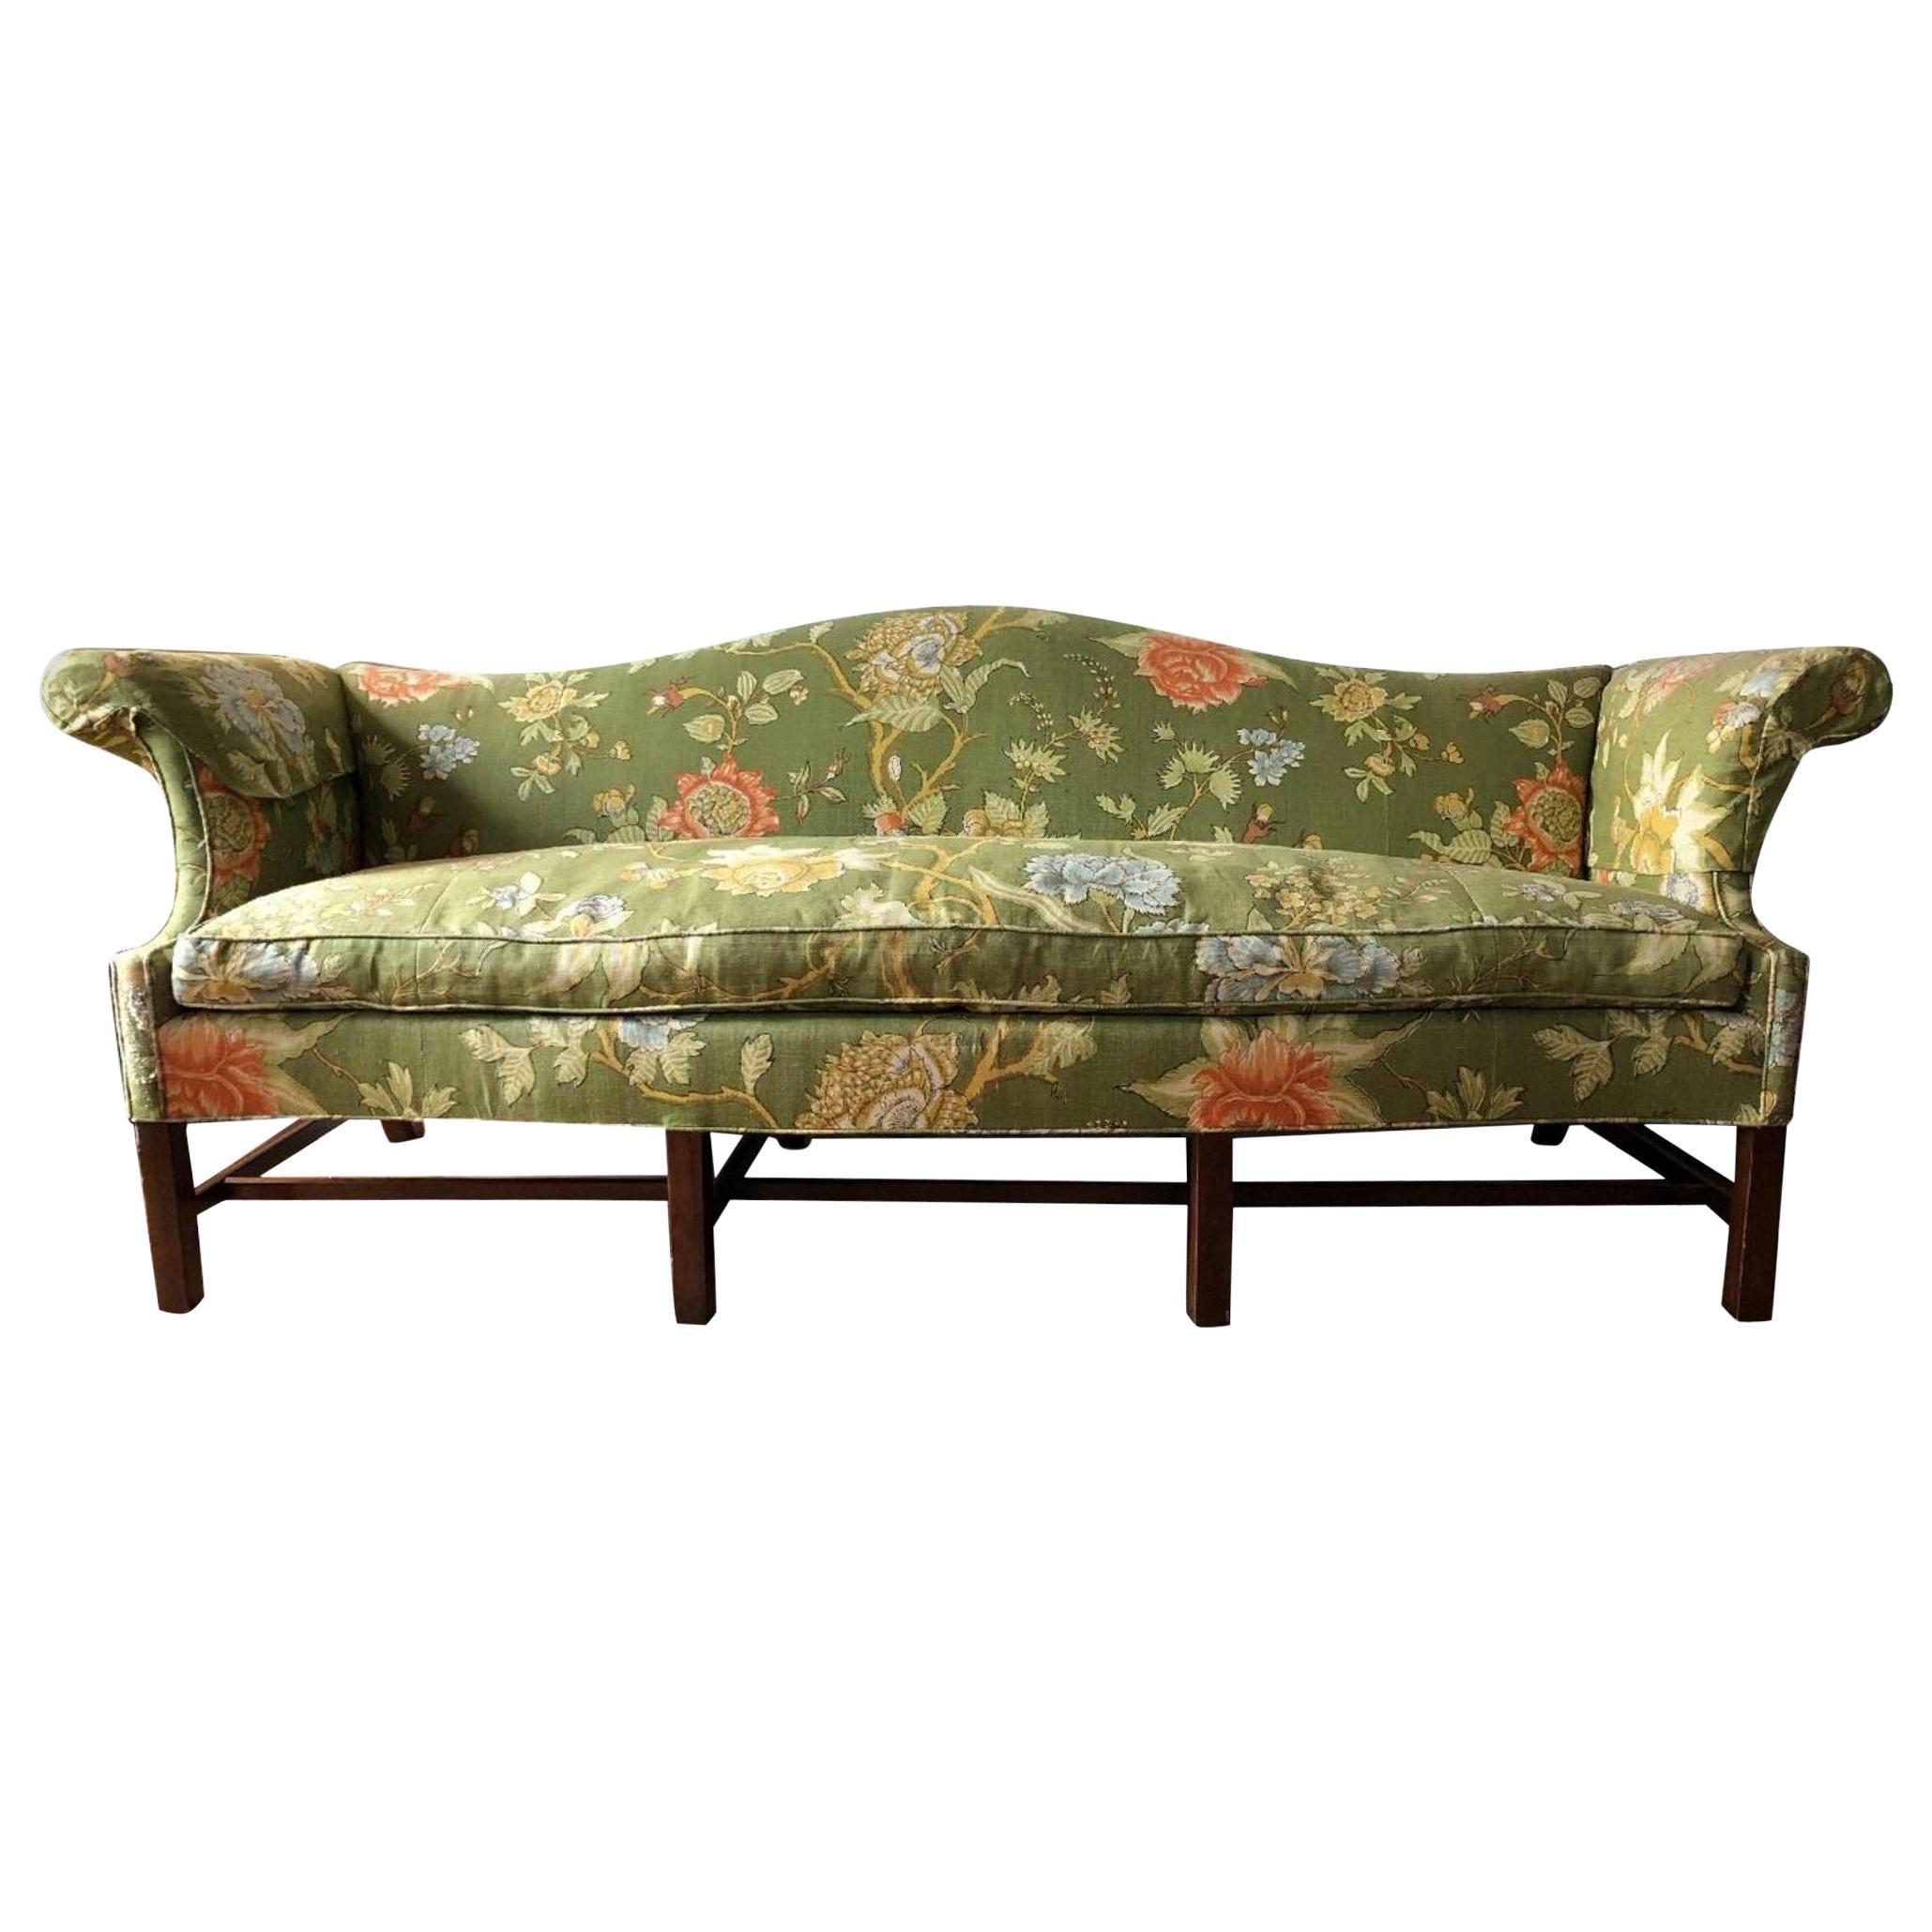 Vintage Baker Furniture Modern Green Linen Floral Camelback Sofa ...